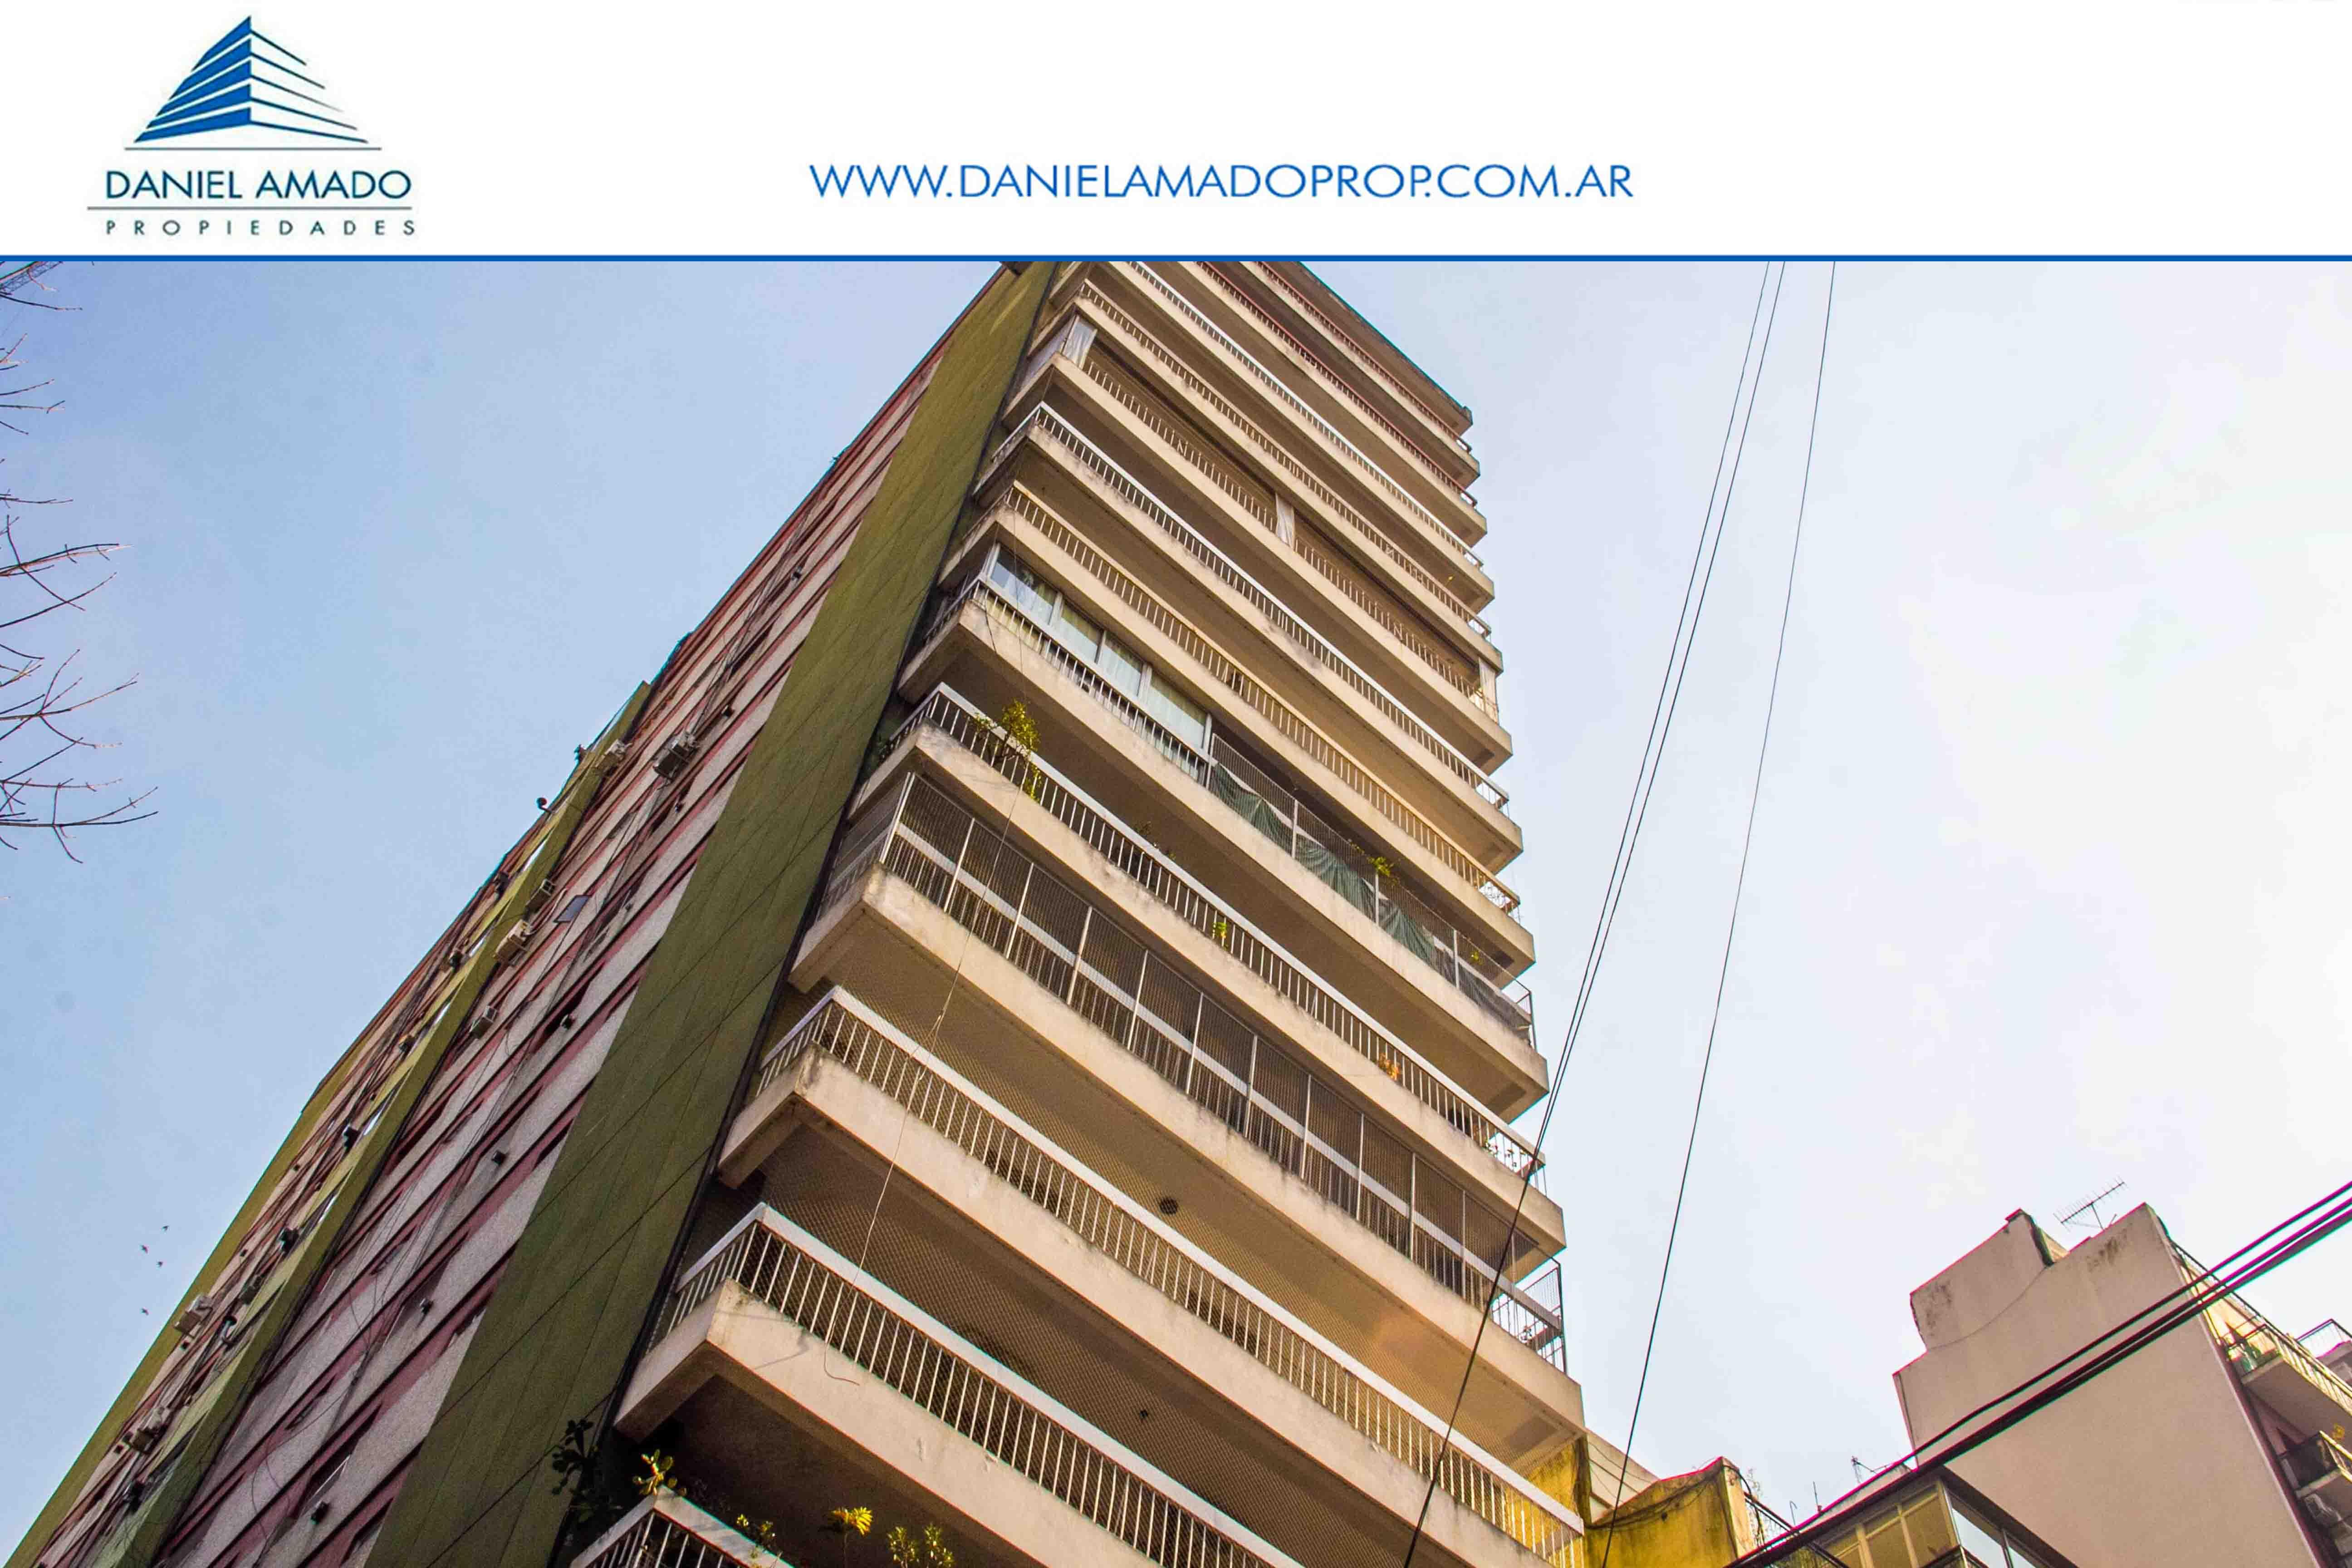 Daniel Amado Propiedades – Depto Doblas y Guayaquil